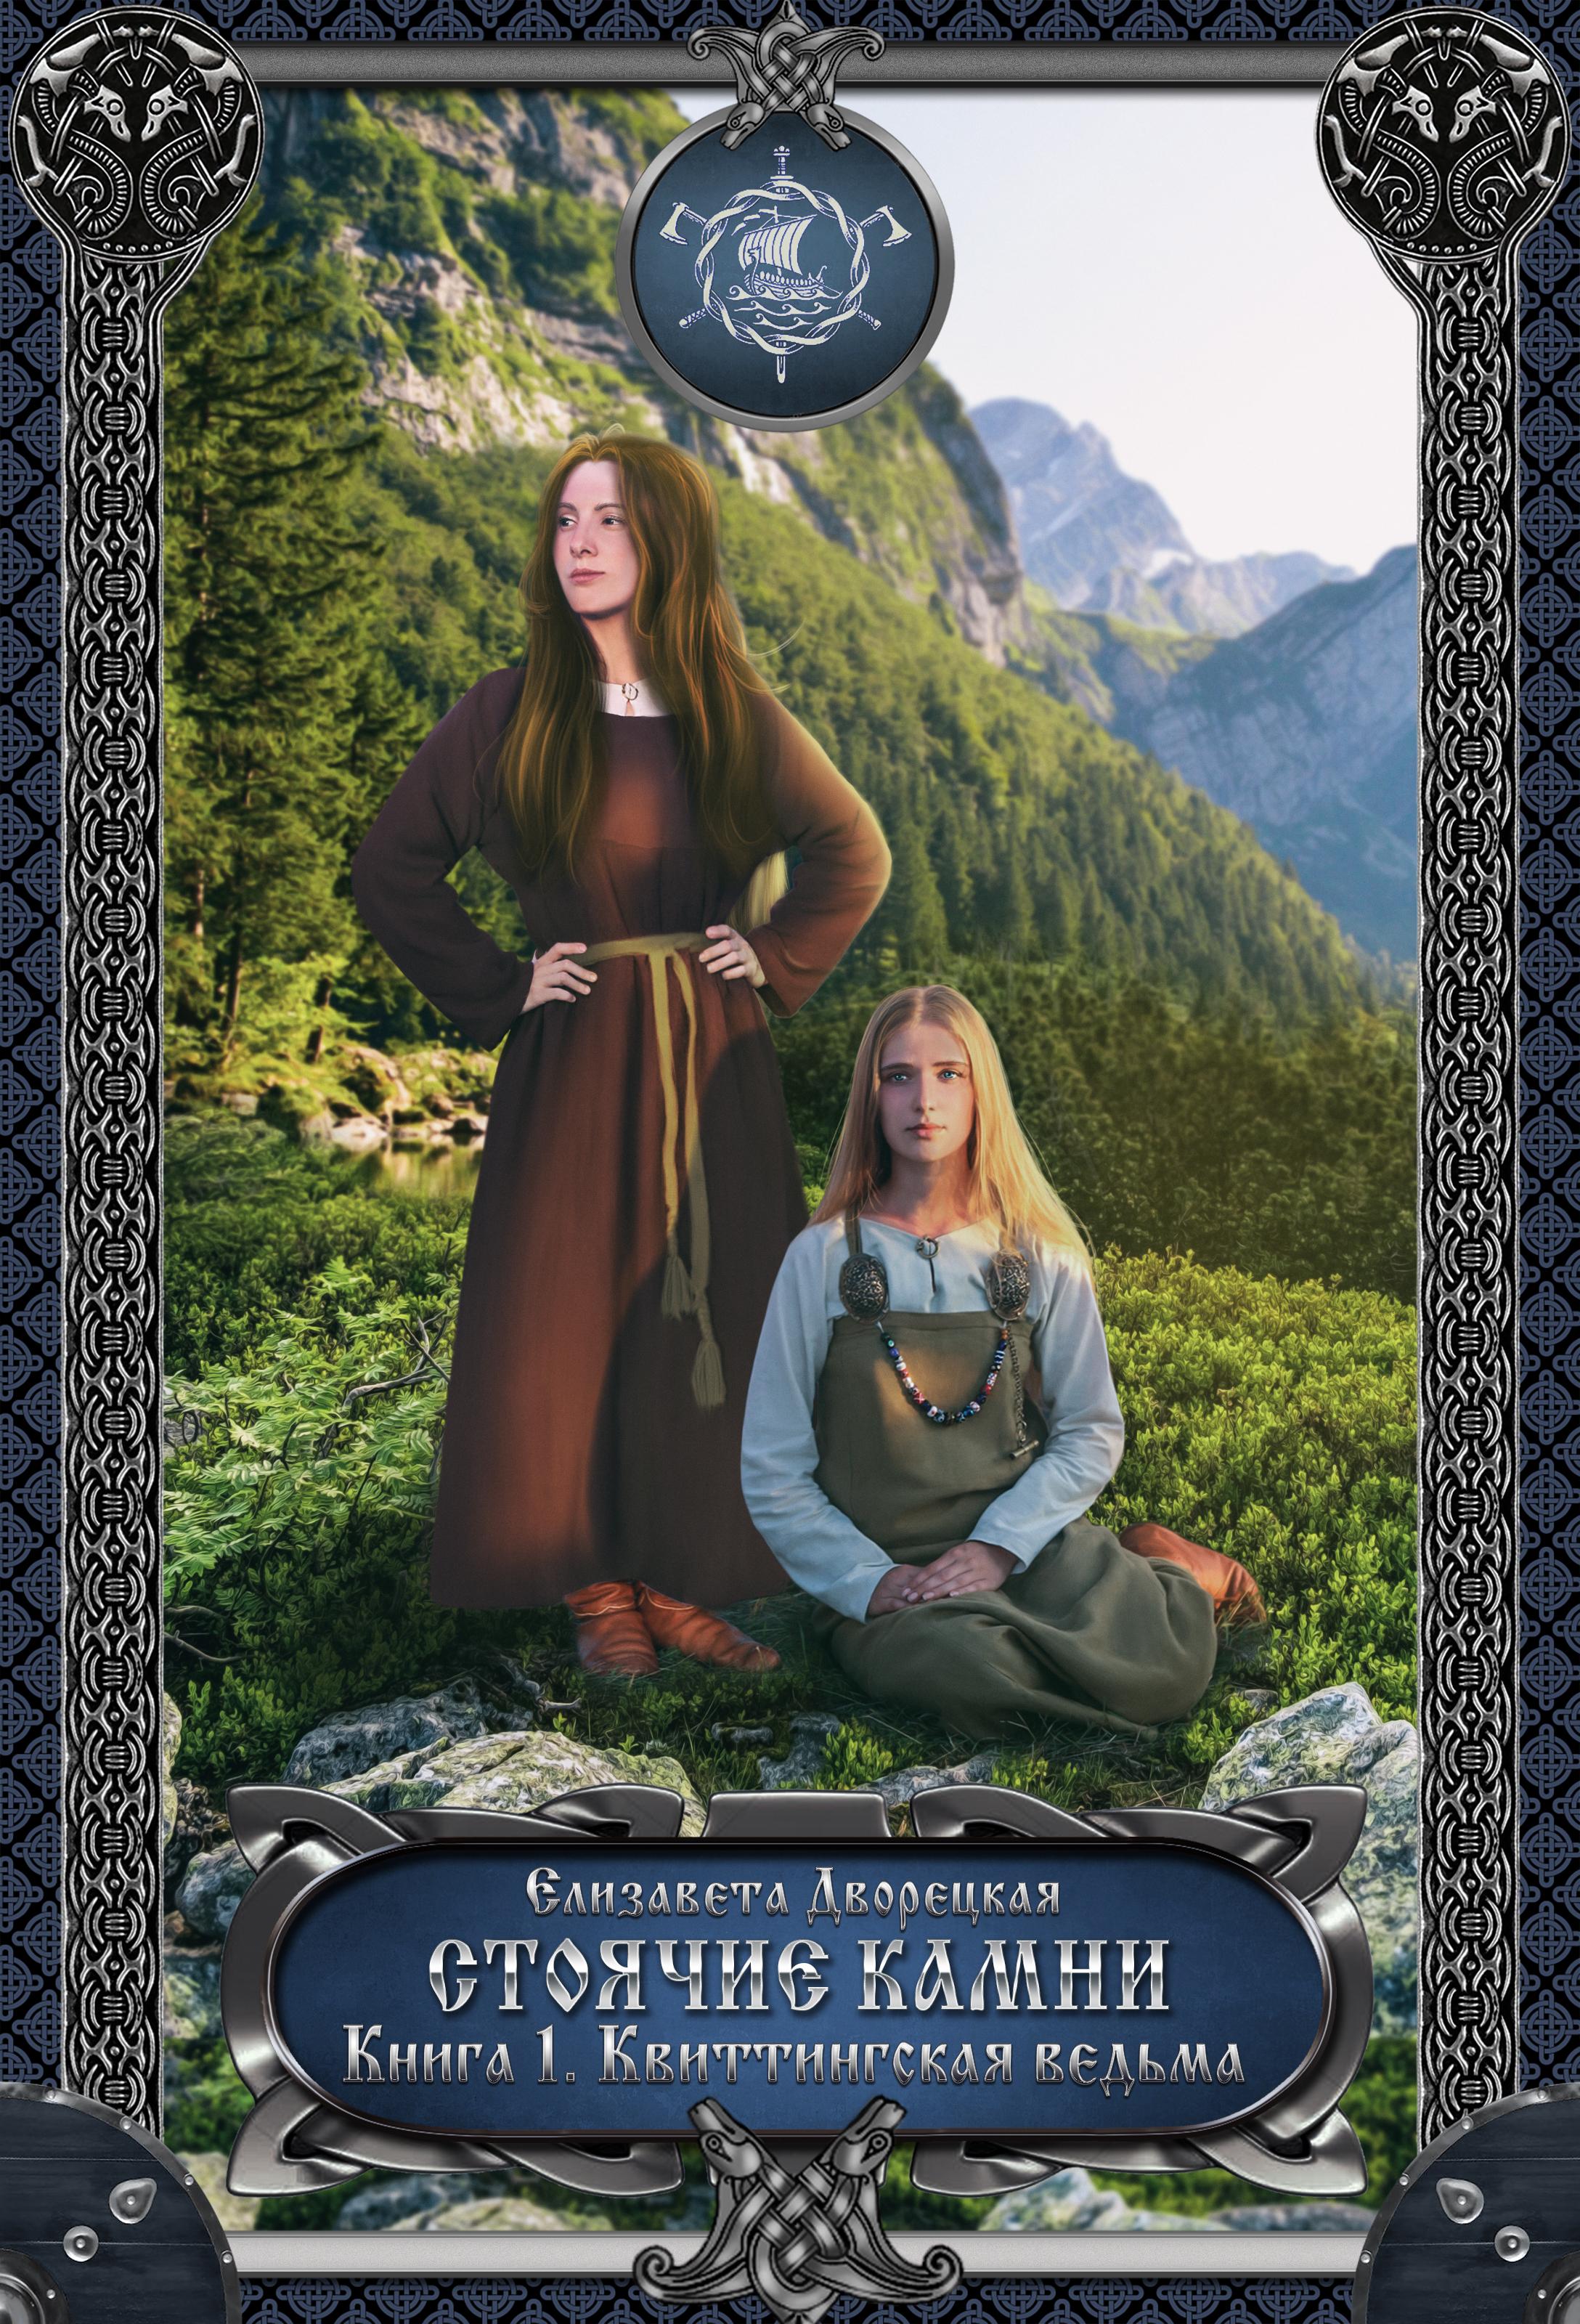 Стоячие камни. Книга 1: Квиттинская ведьма_Елизавета Дворецкая